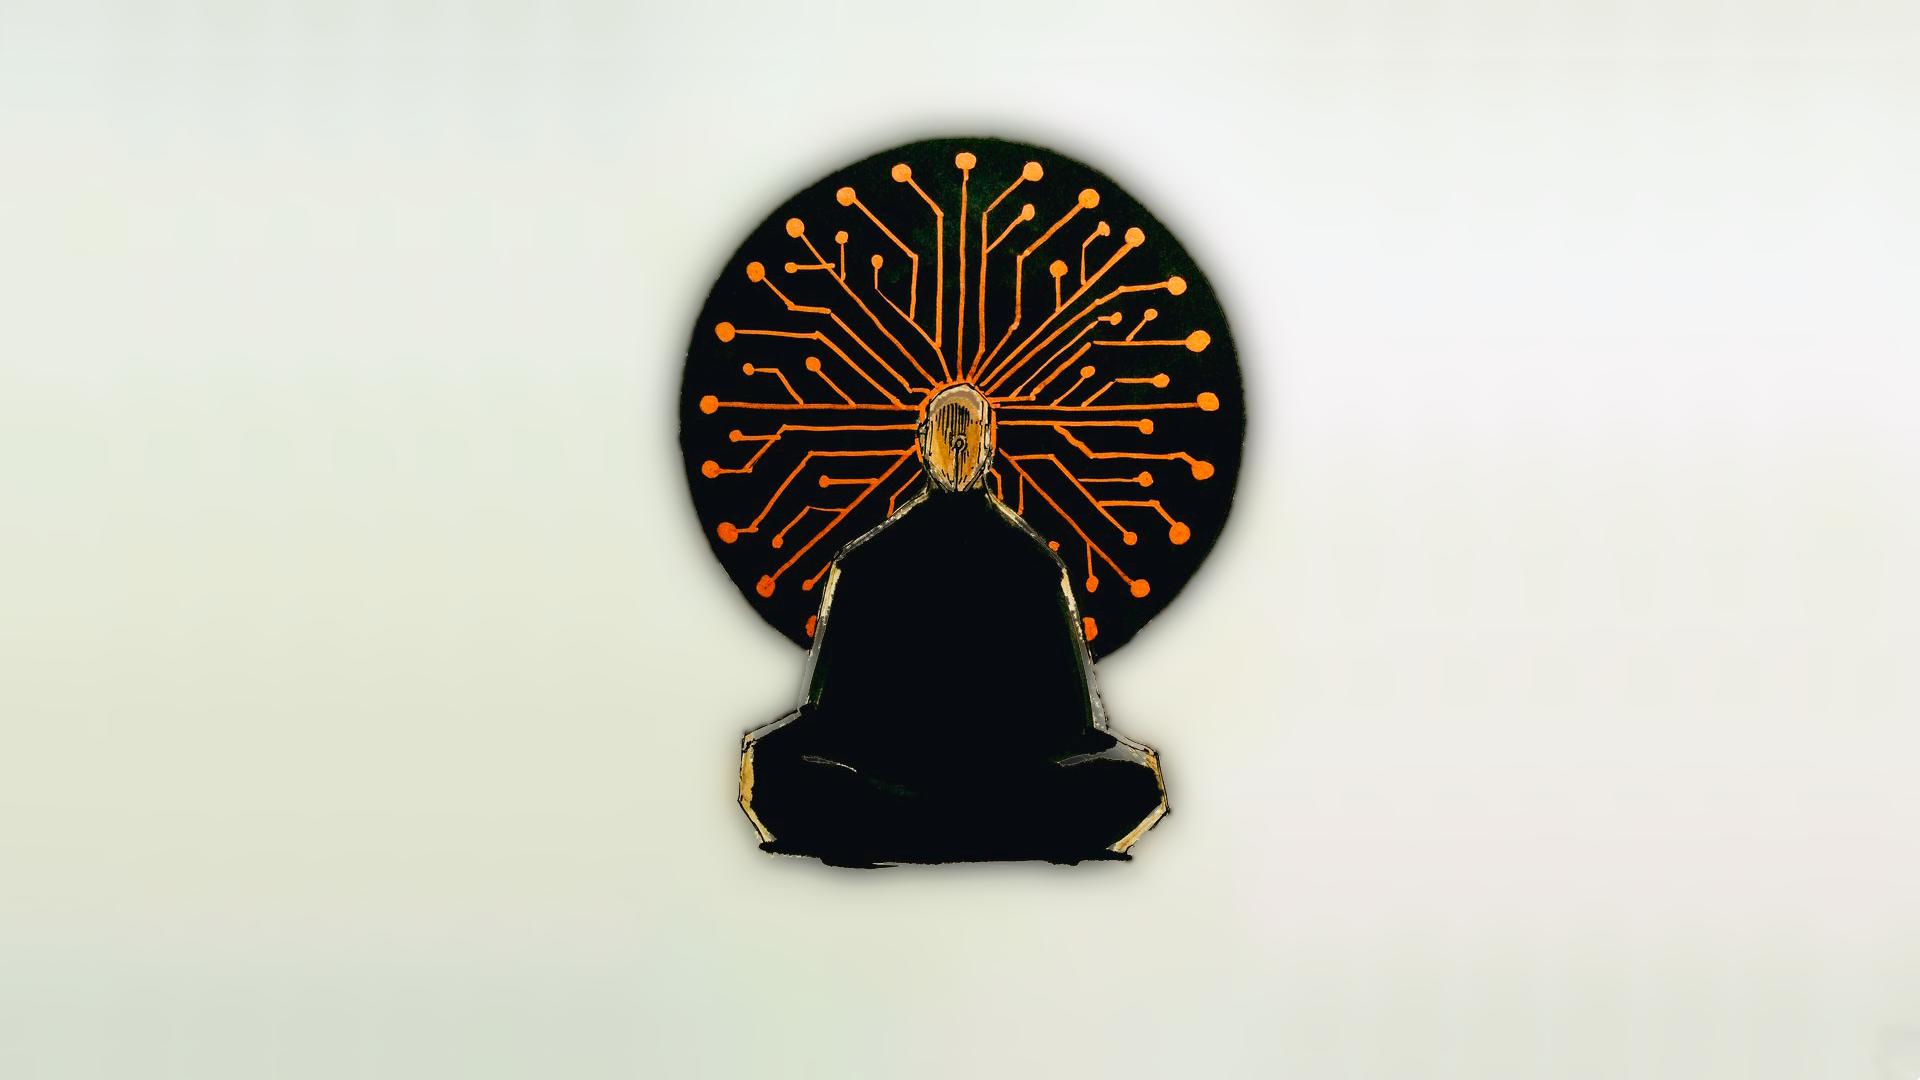 Technomancer [1920x1080]